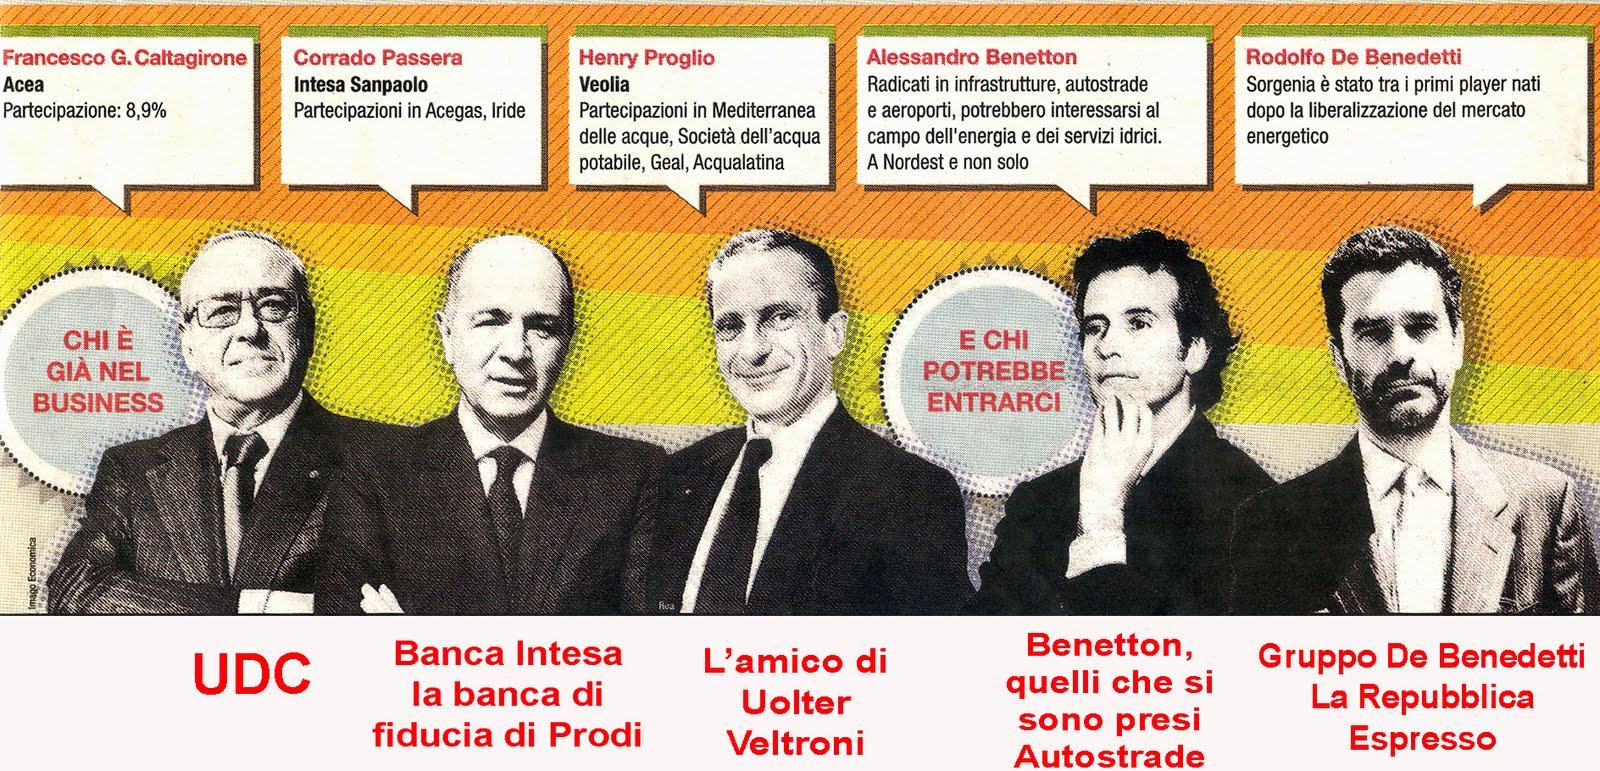 TG-ROMA Talenti: UN ARTICOLO DEL CORRIERE DELLA SERA ...